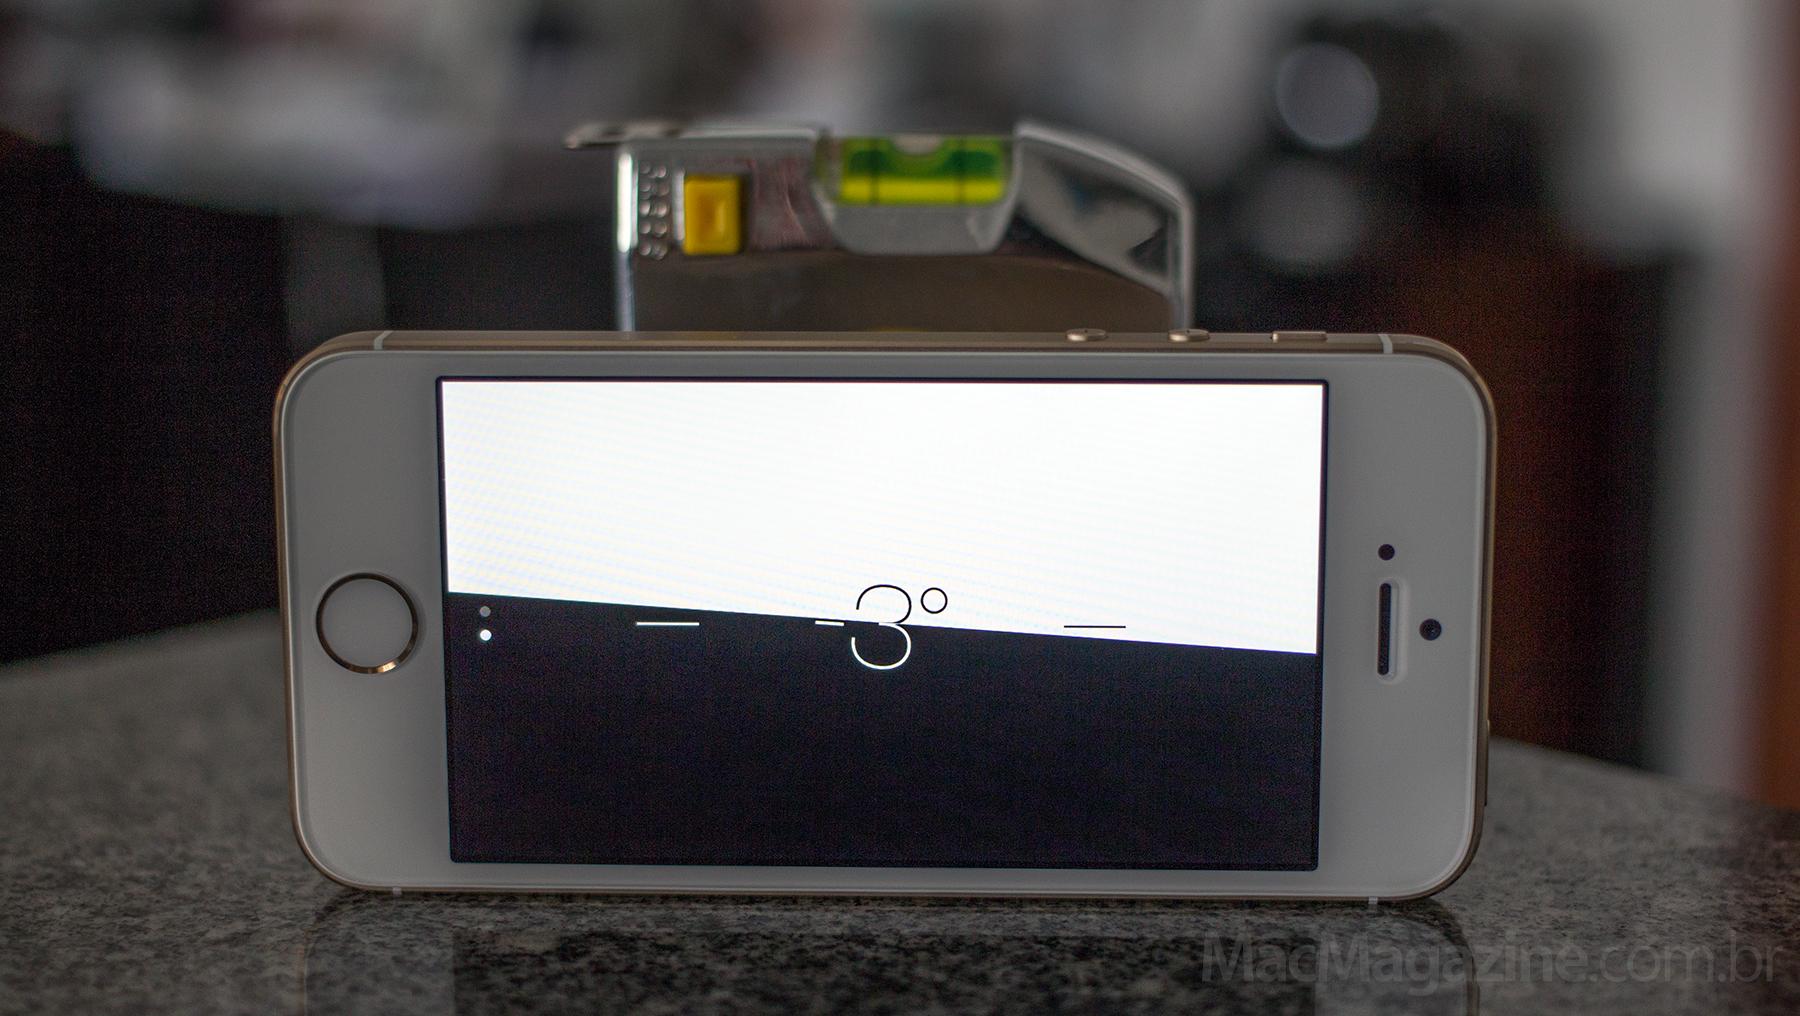 Sensor do iPhone 5s desregulado